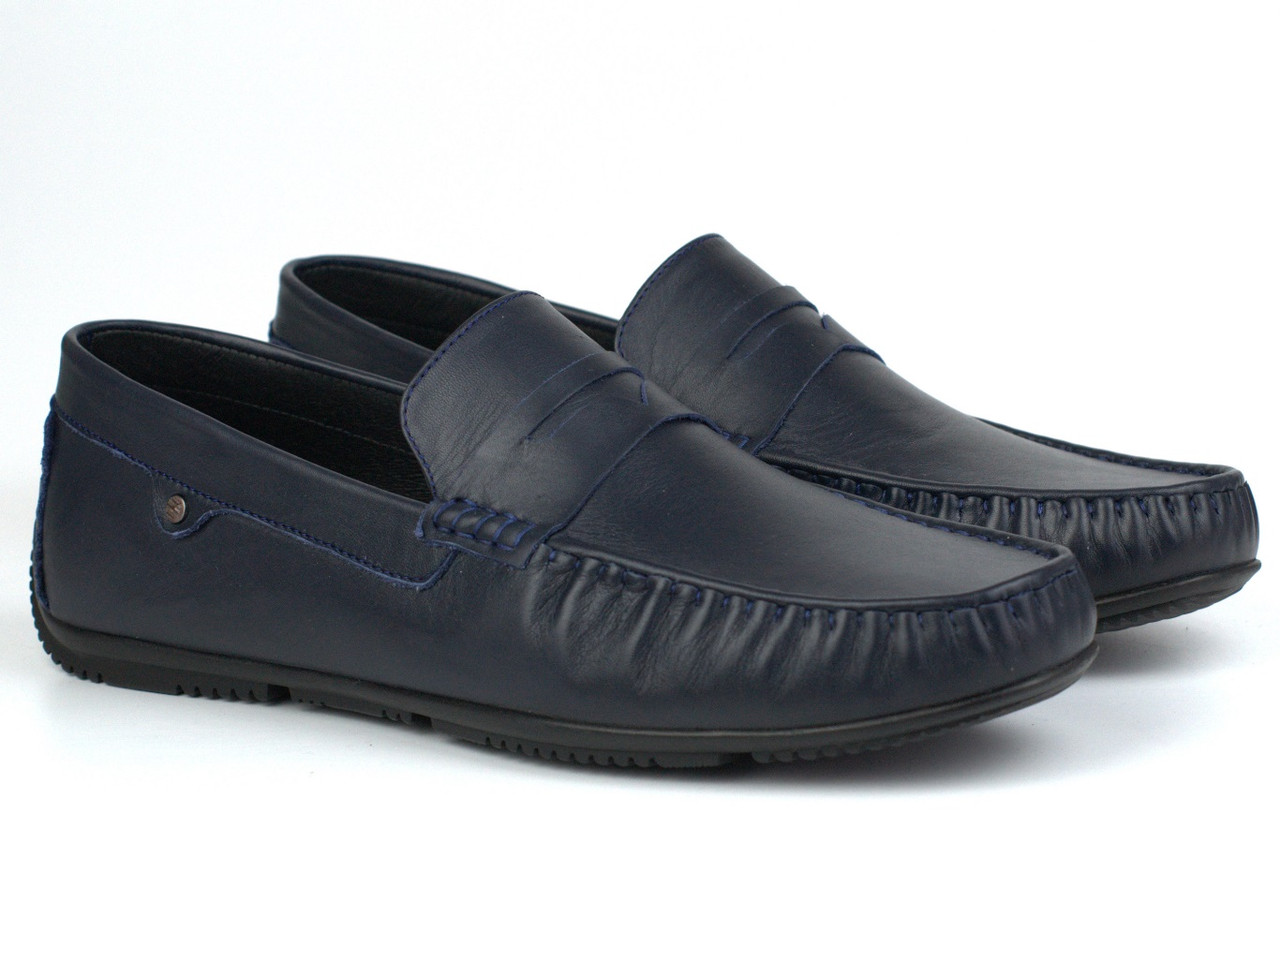 Мужские мокасины синие кожаные стильные обувь весенняя ETHEREAL Classic Blu by Rosso Avangard